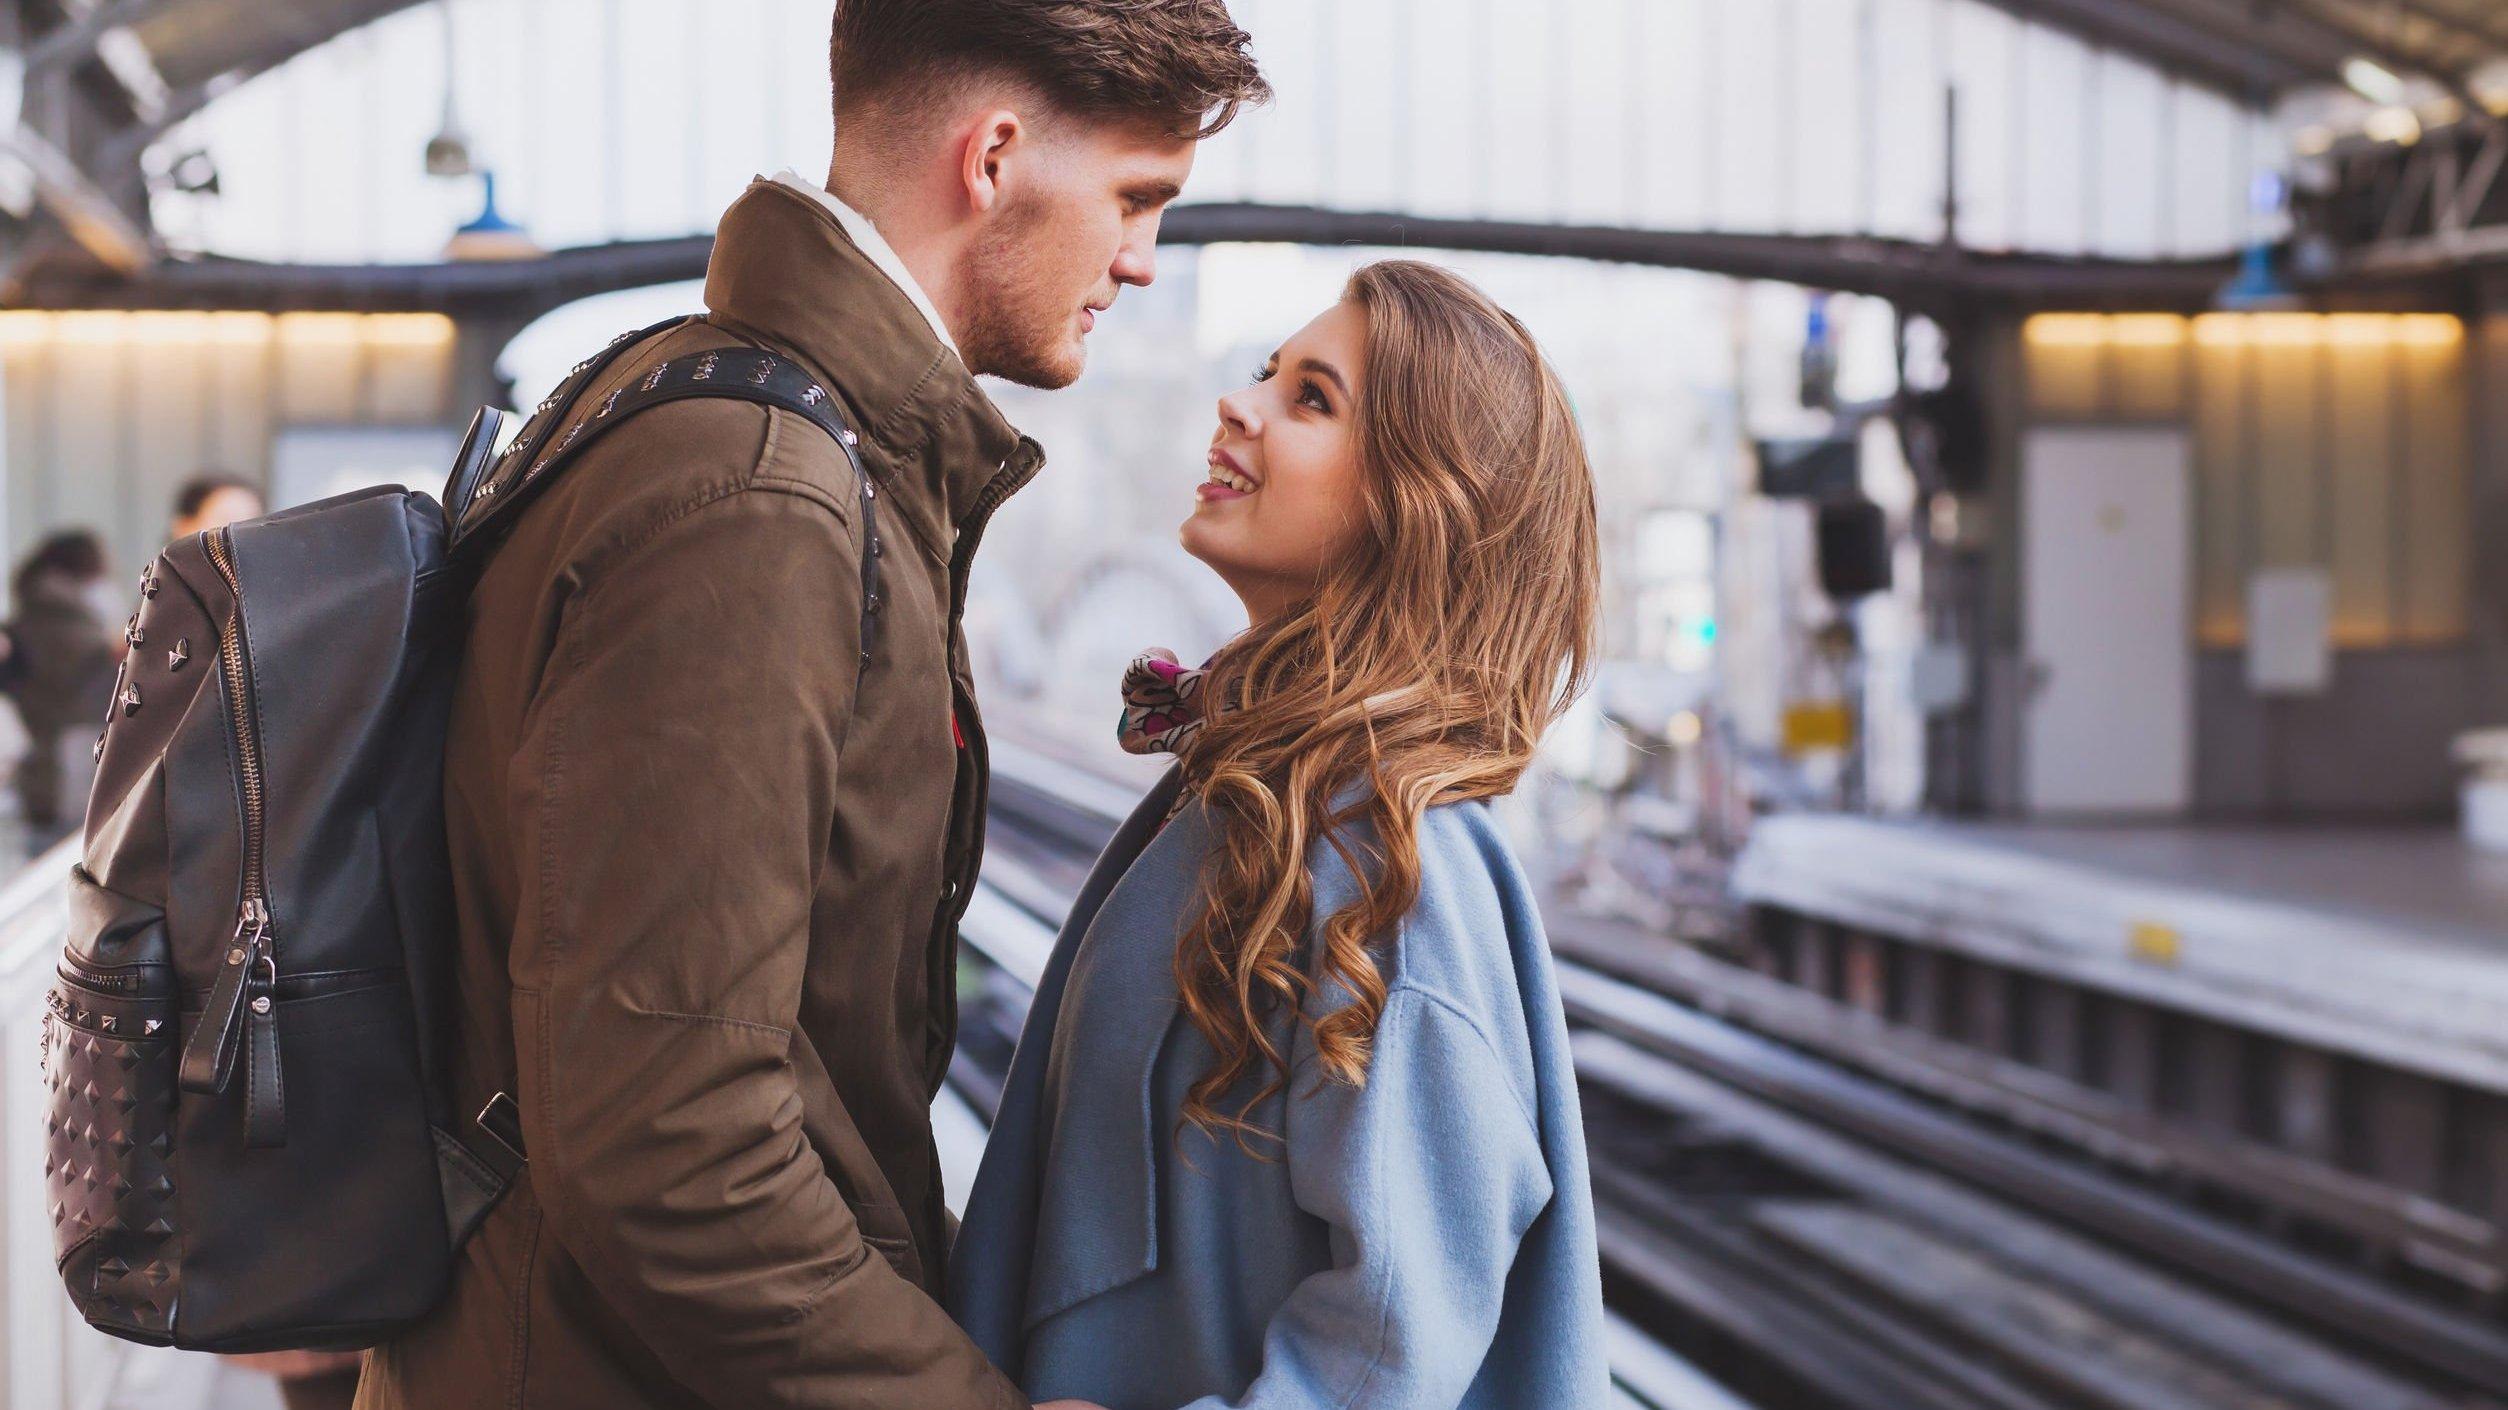 Homem e mulher em estação de trem, olhando um para o outro.